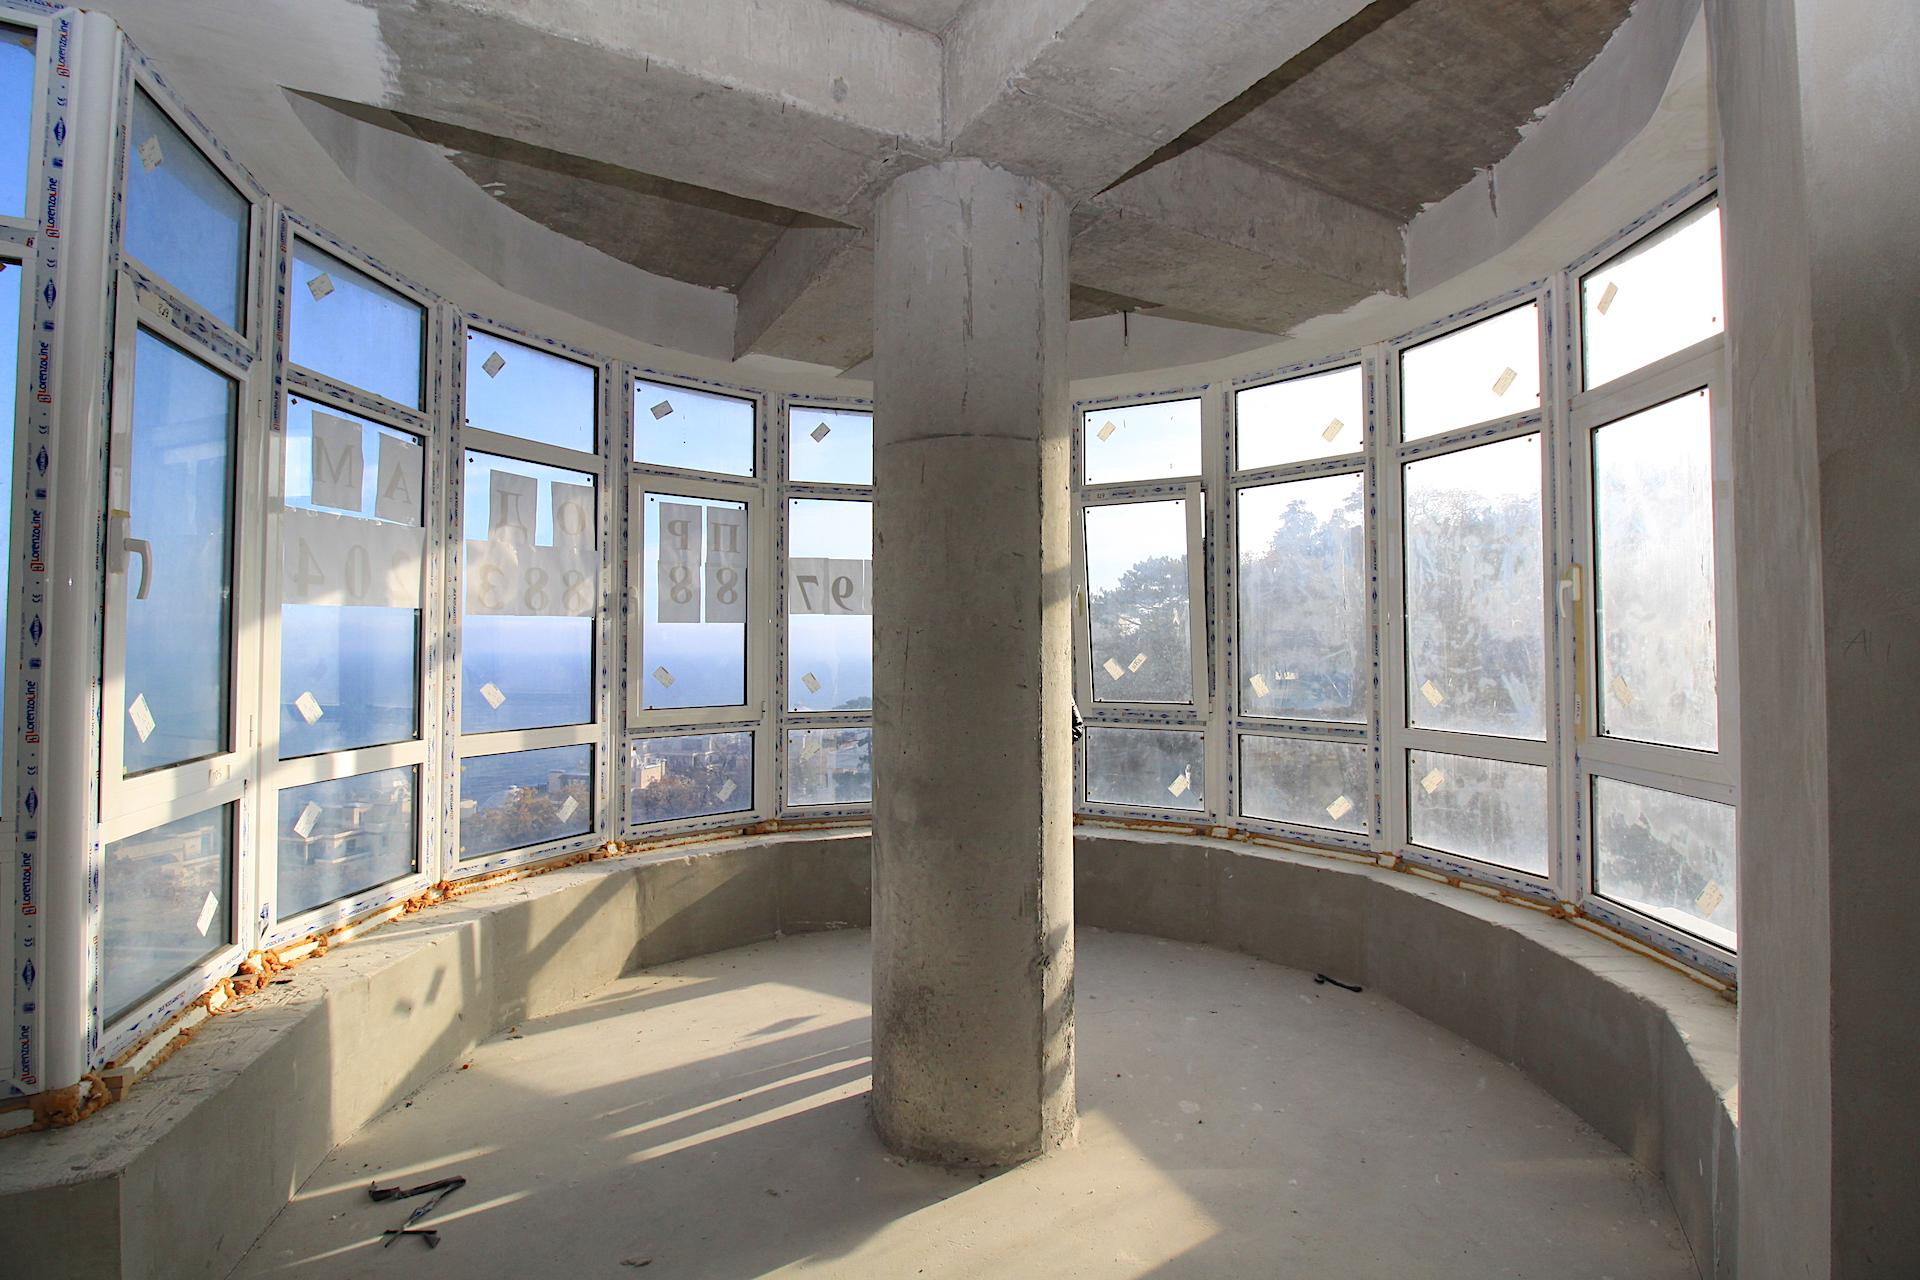 Квартира у Ливадийского Дворца 1